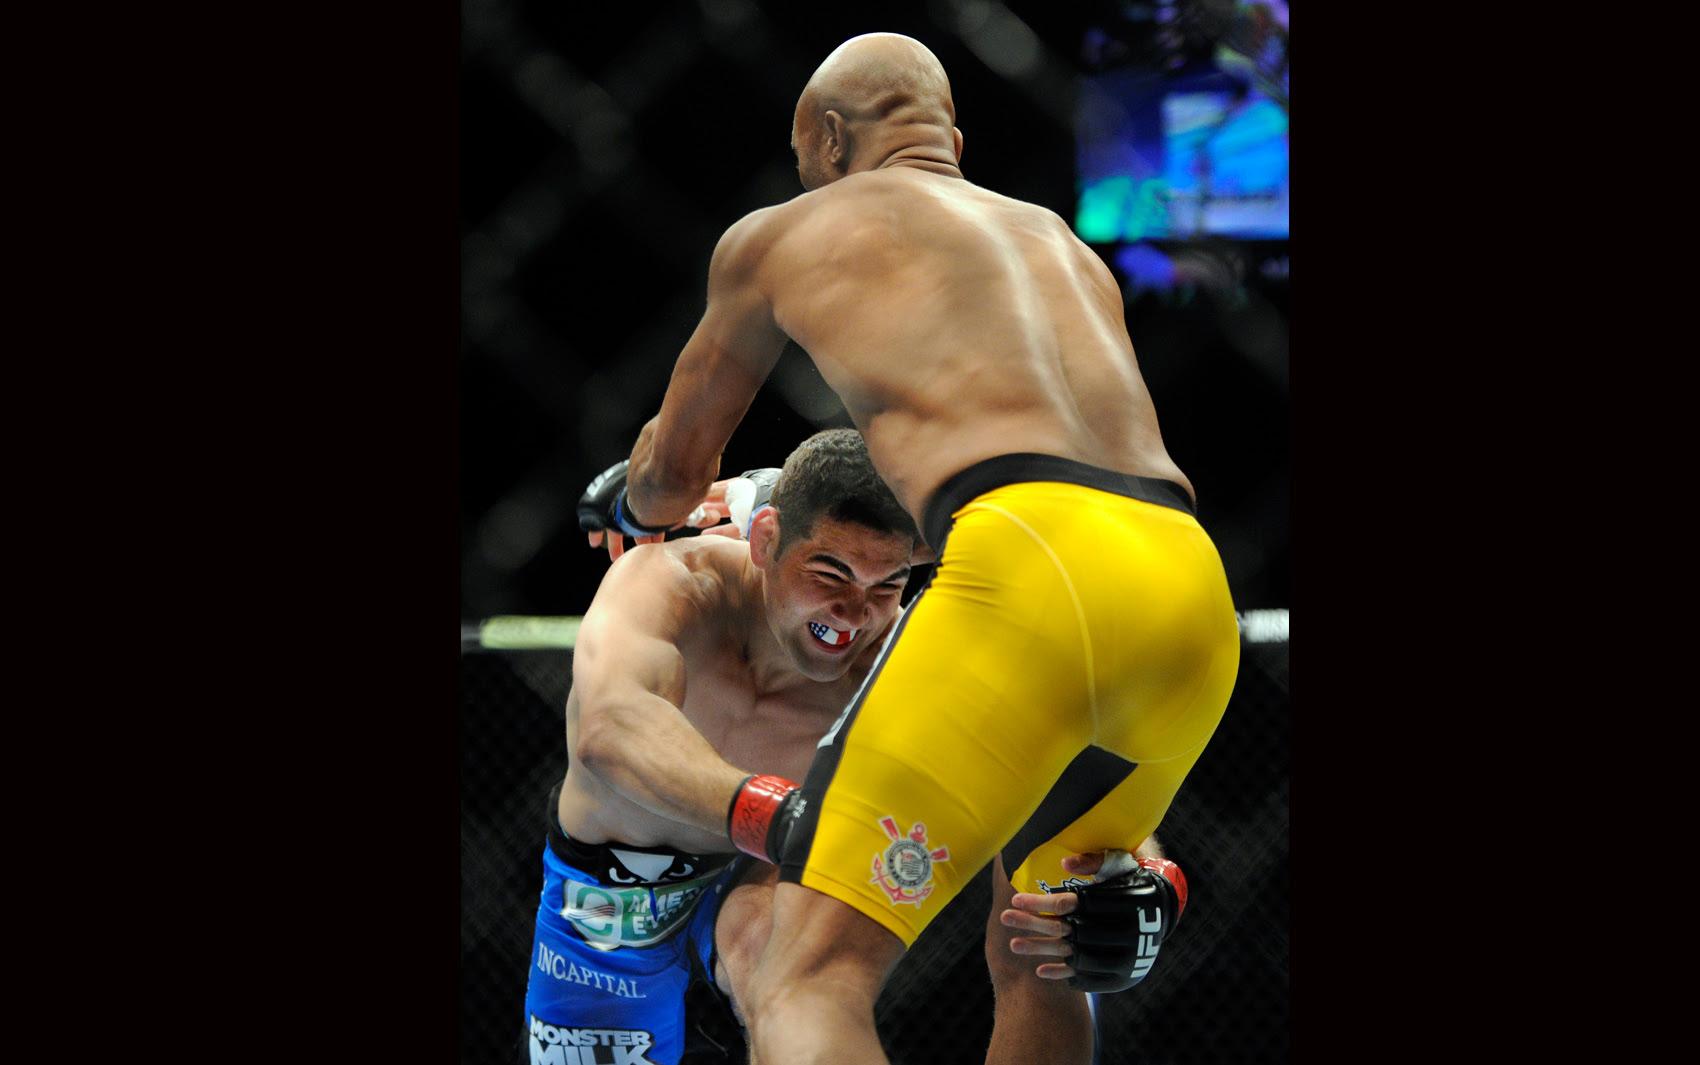 Chris Weidman tenta derrubar Anderson Silva no octógono do UFC na madrugada deste domingo (29).